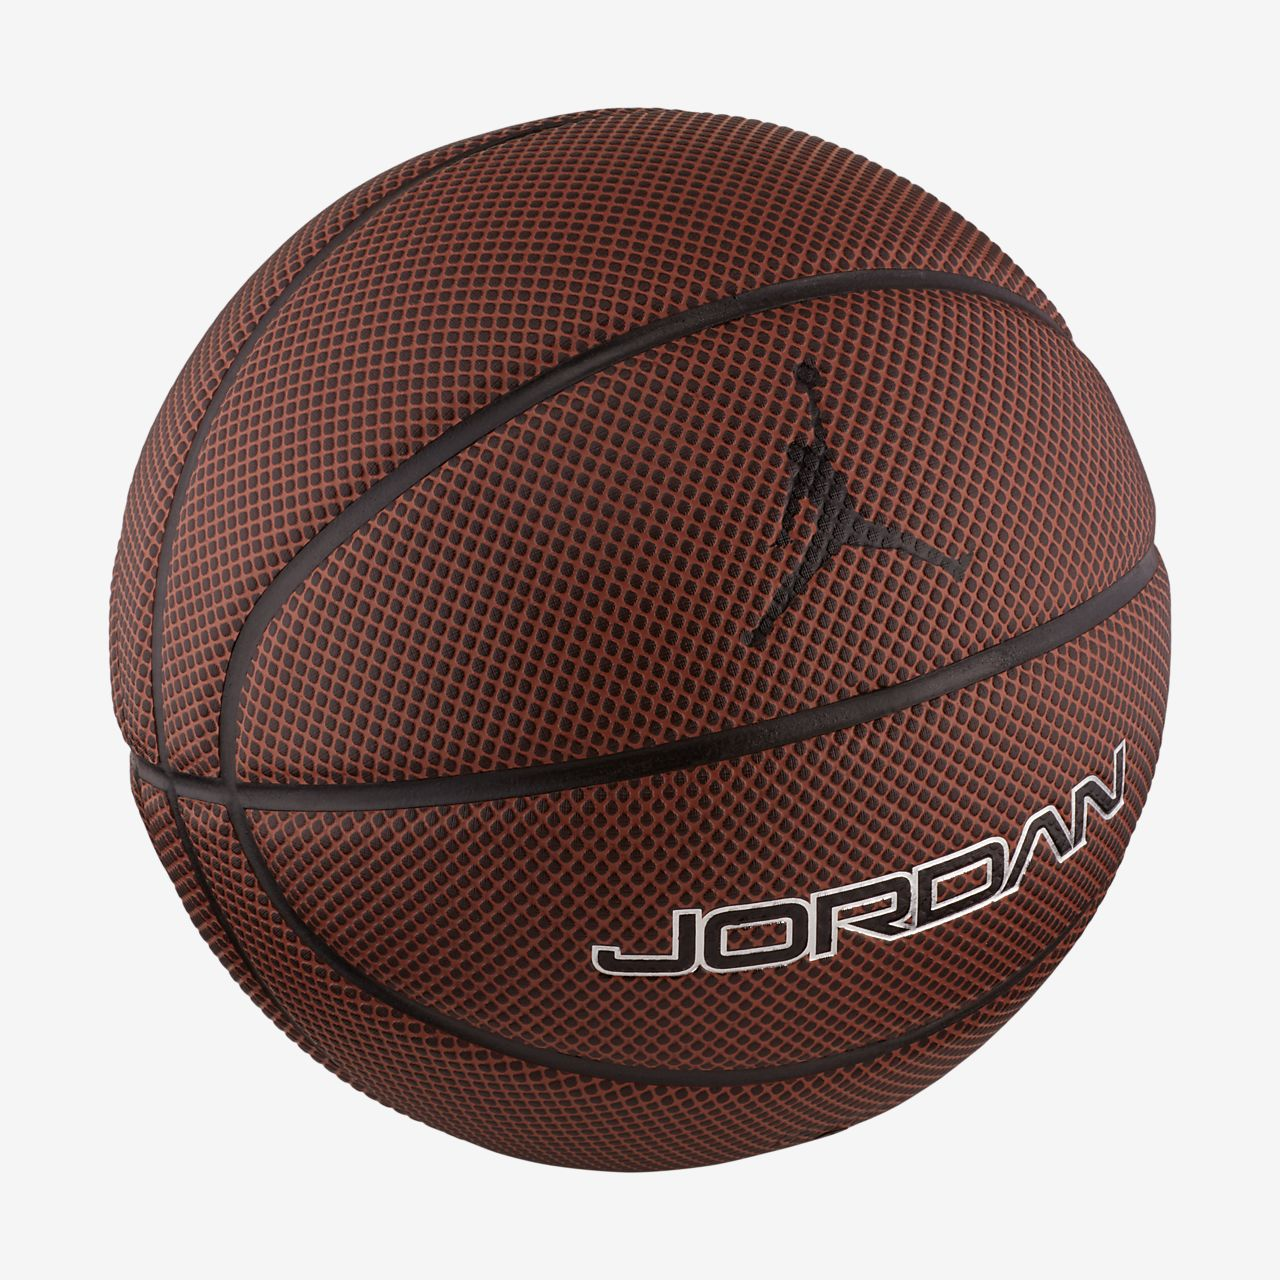 Jordan Legacy 8P (7-es méretű) kosárlabda